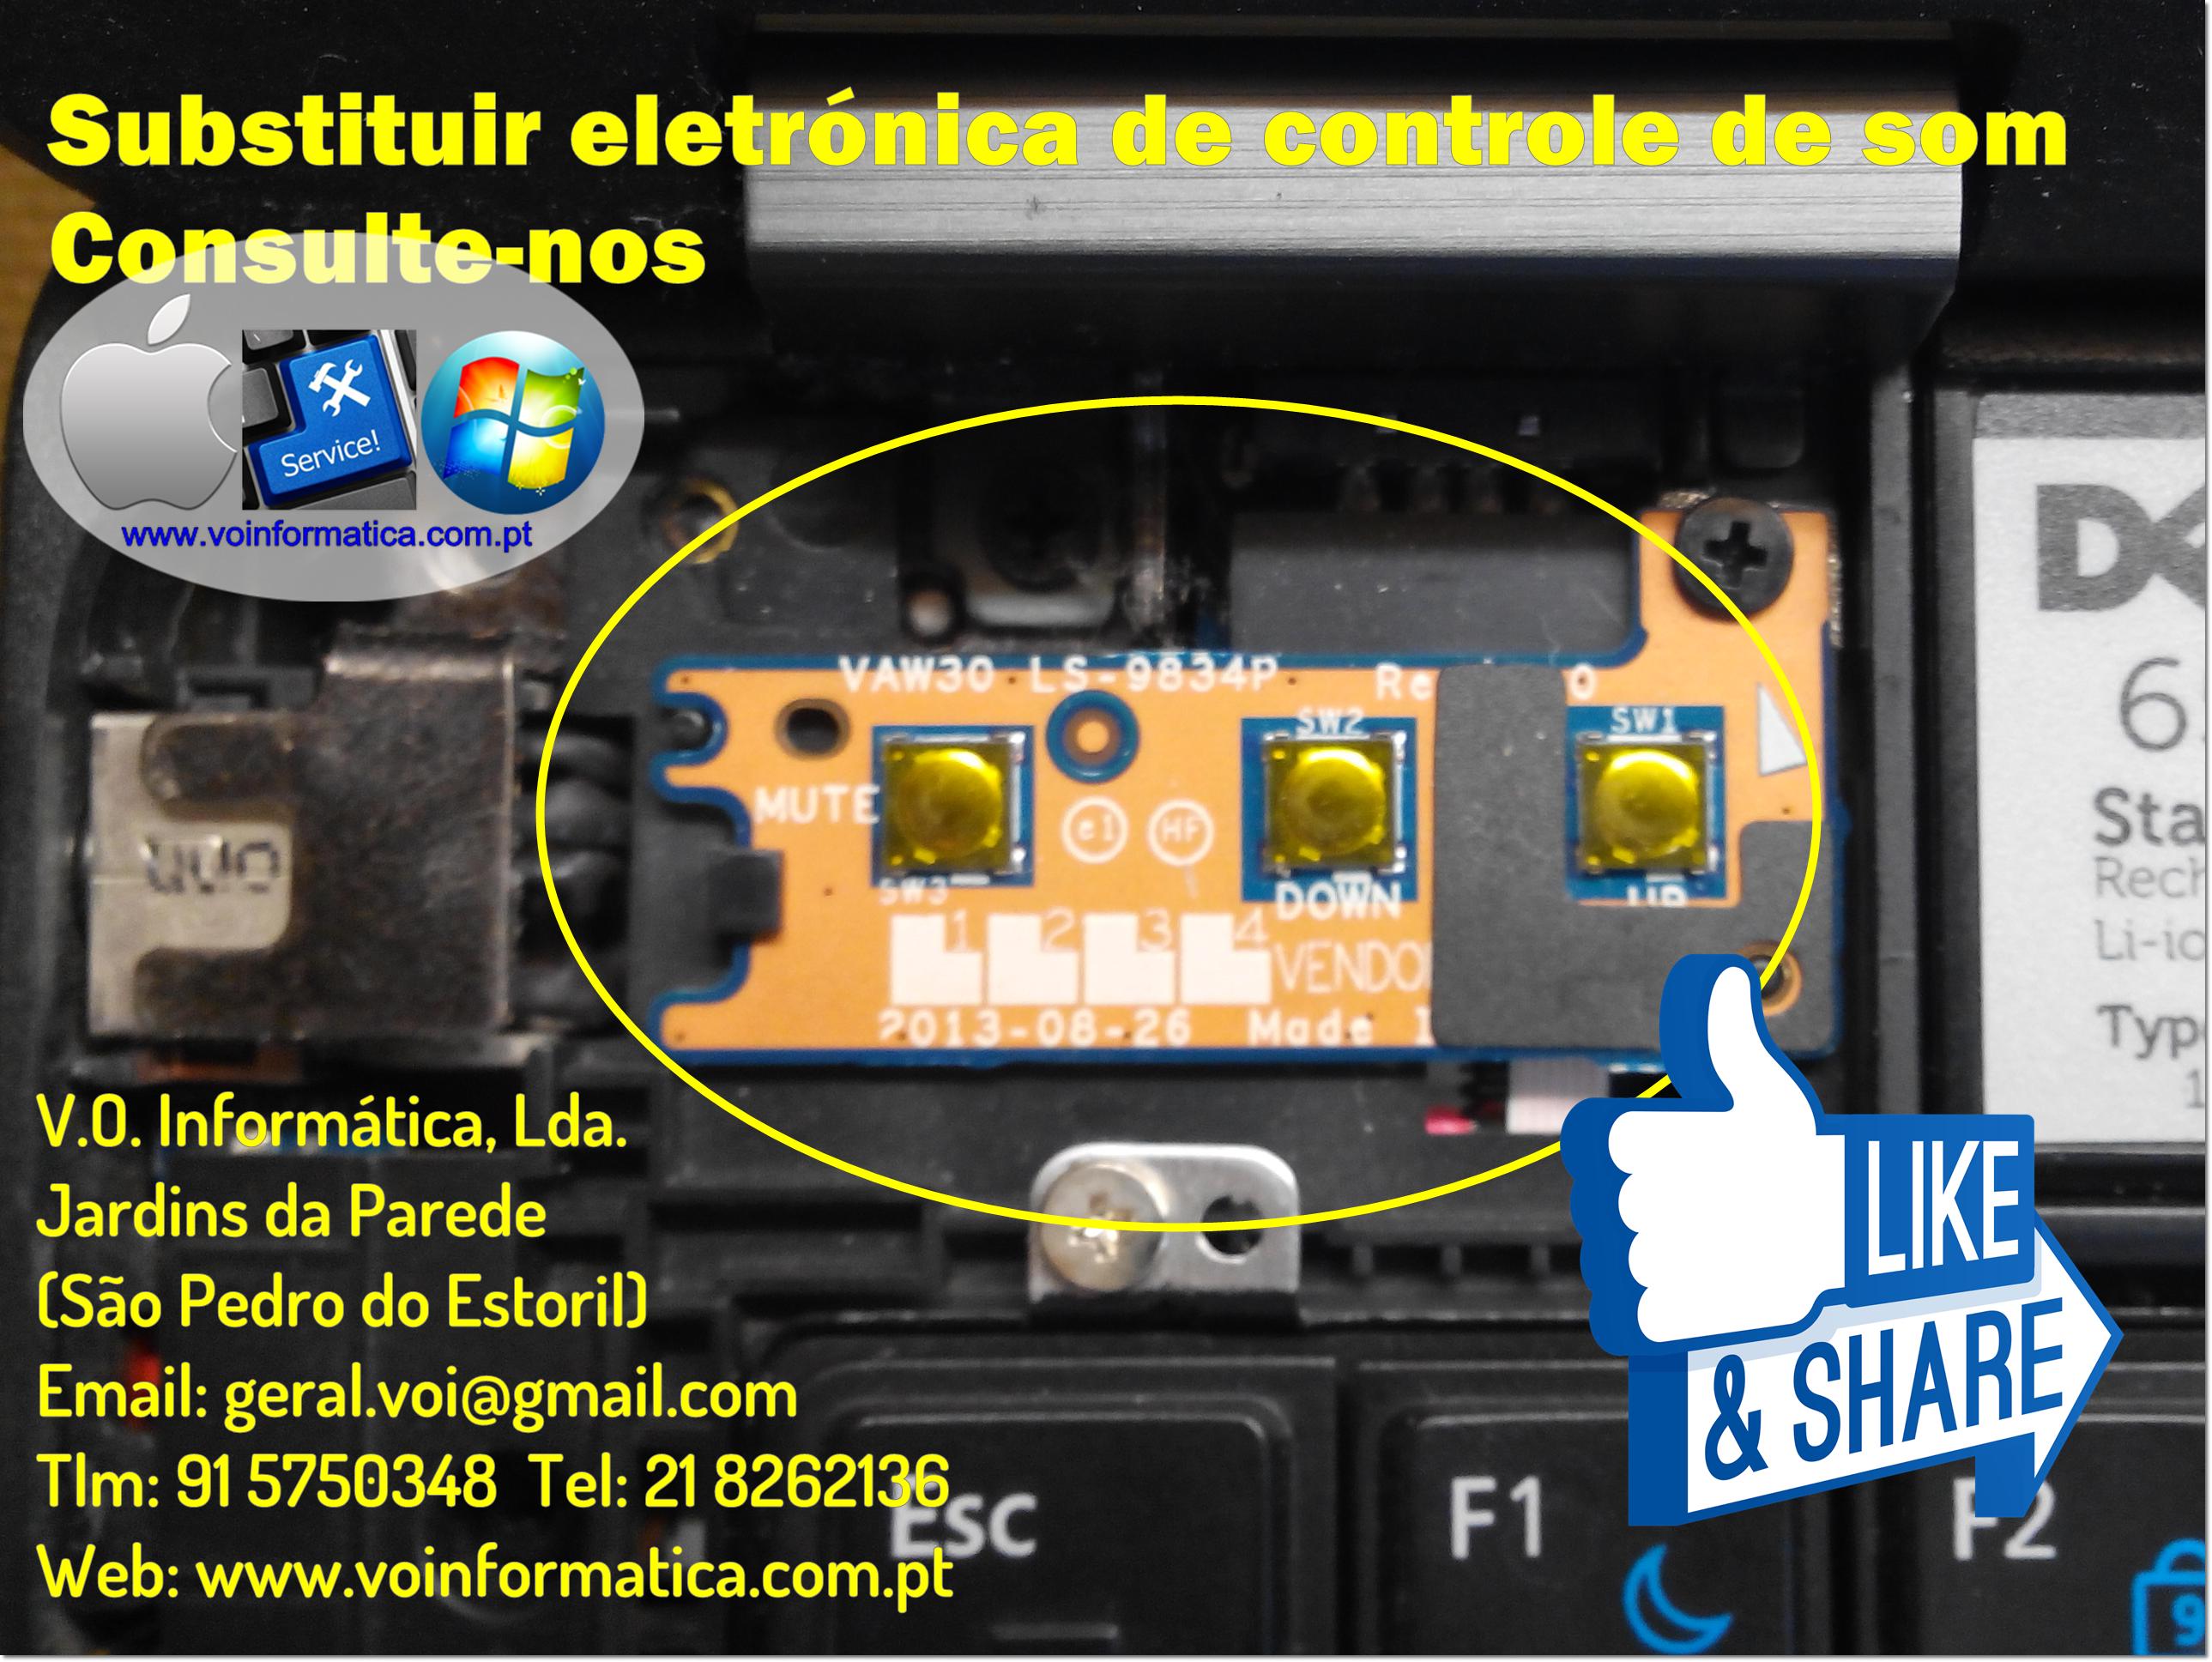 Pin de V.O. Informática, Lda. em Reparações de